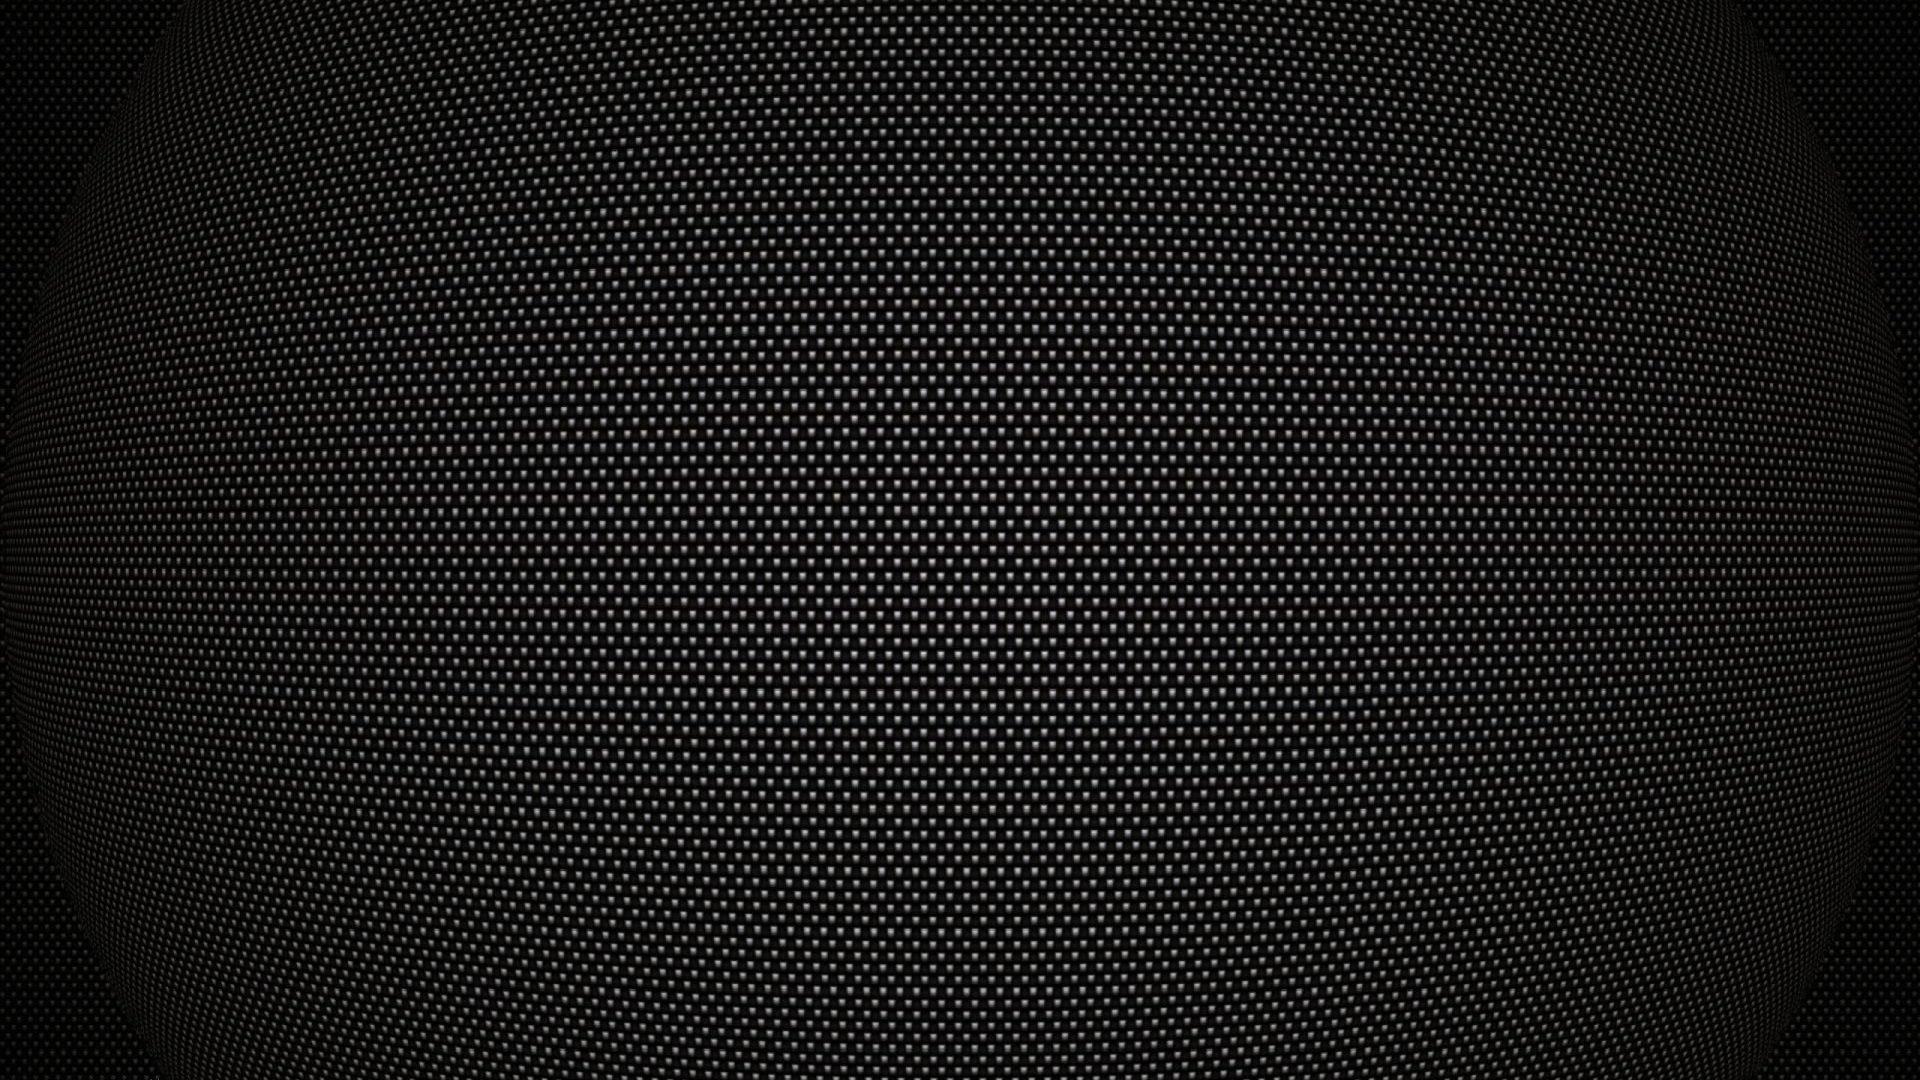 Plain black wallpapers hd wallpapersafari for Black wall wallpaper